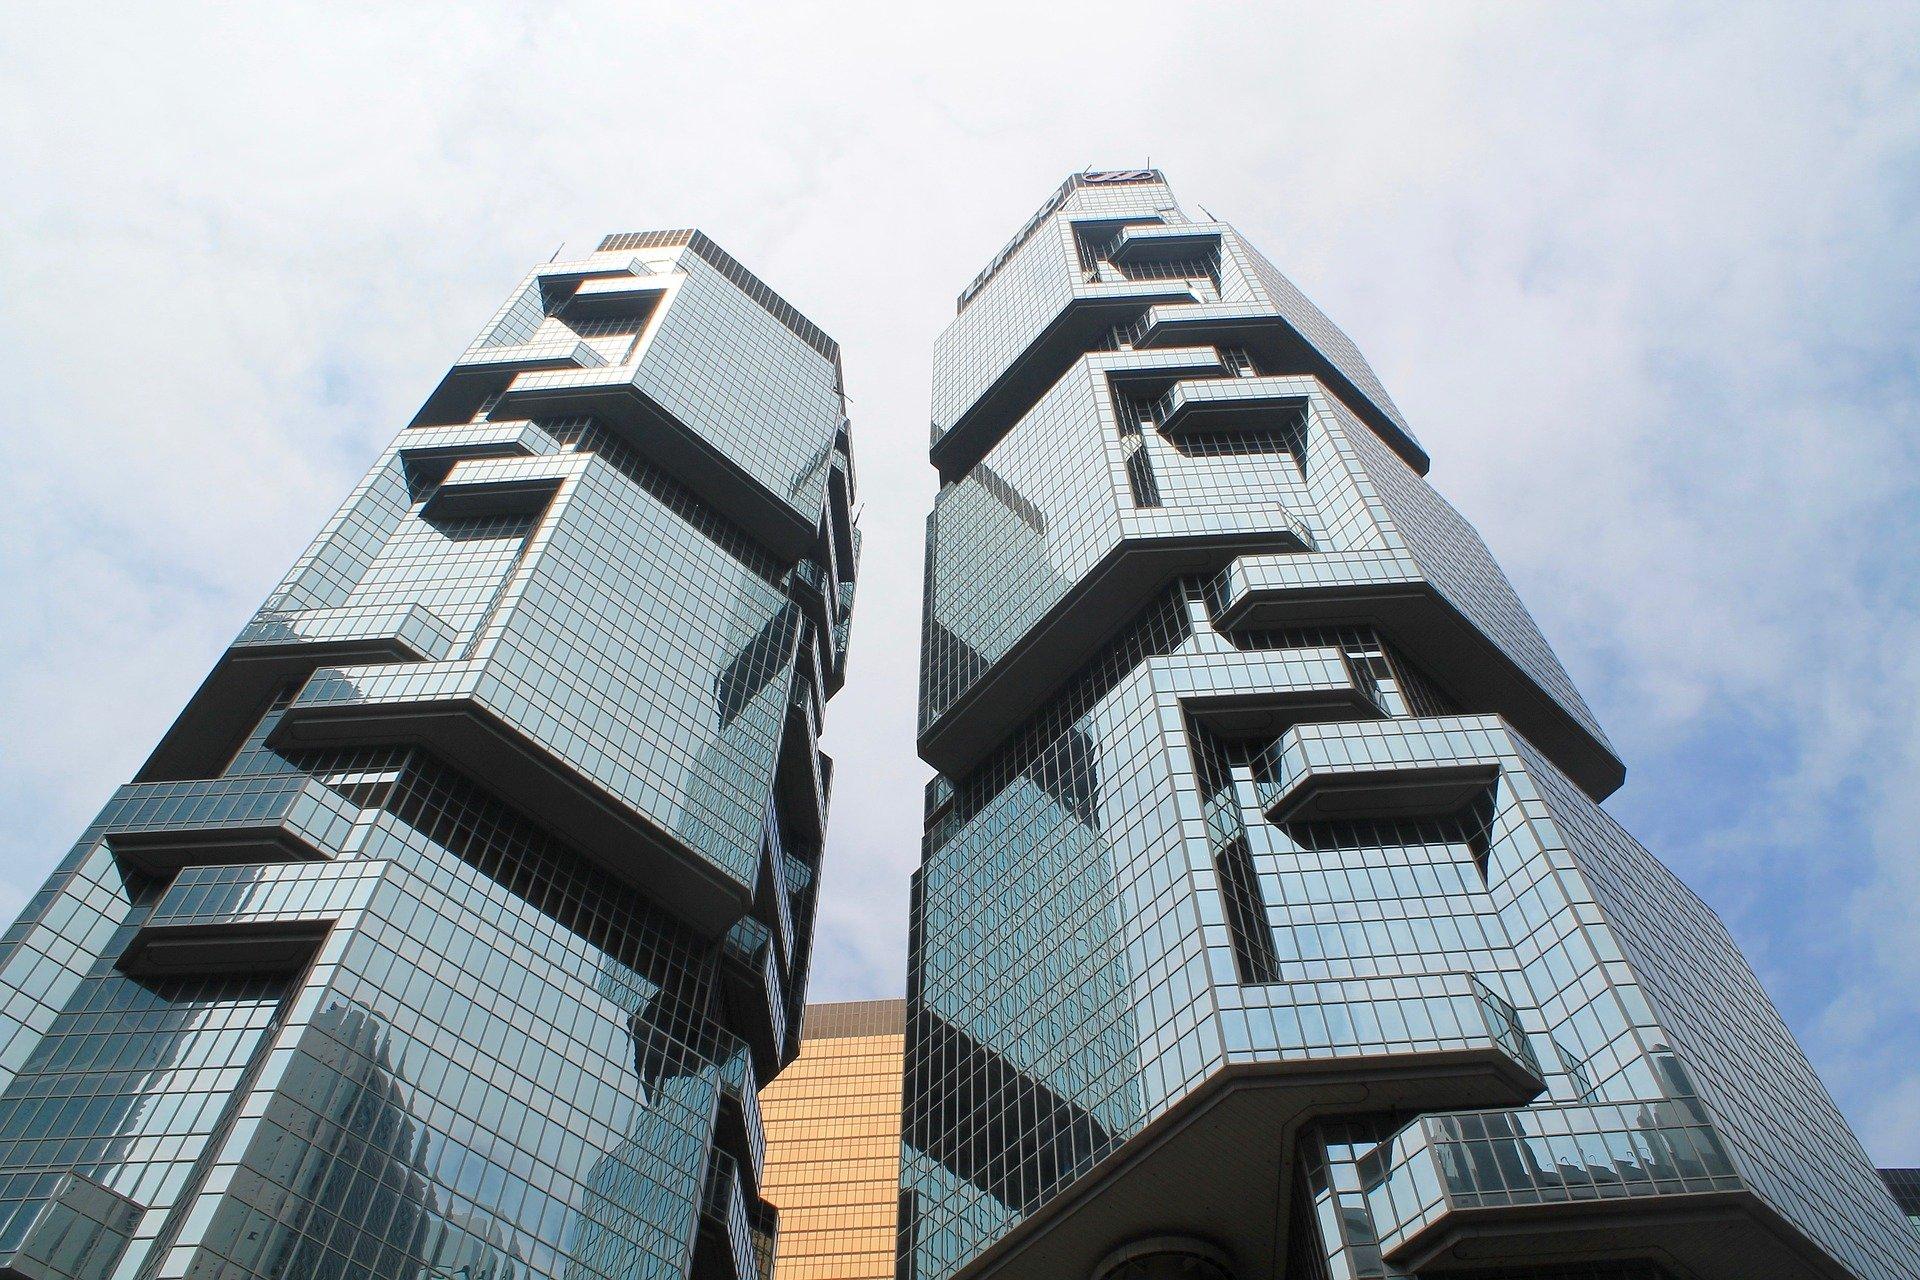 skyscraper-2007823_1920